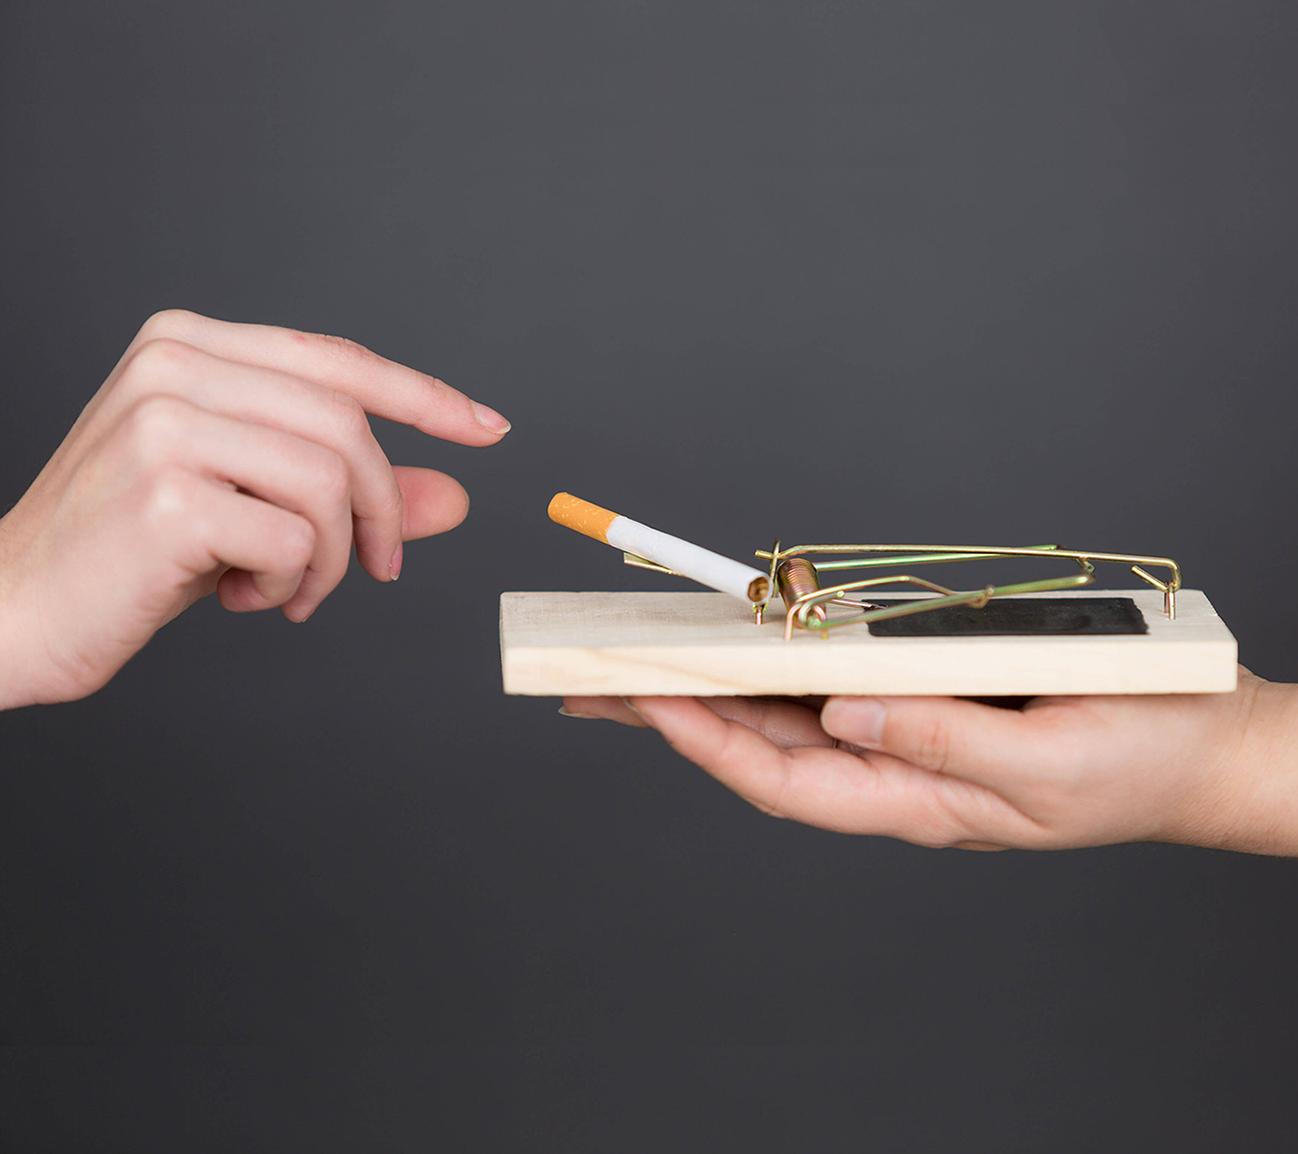 Nikotin ist eine Sucht und der Entzug ist überwindbar.